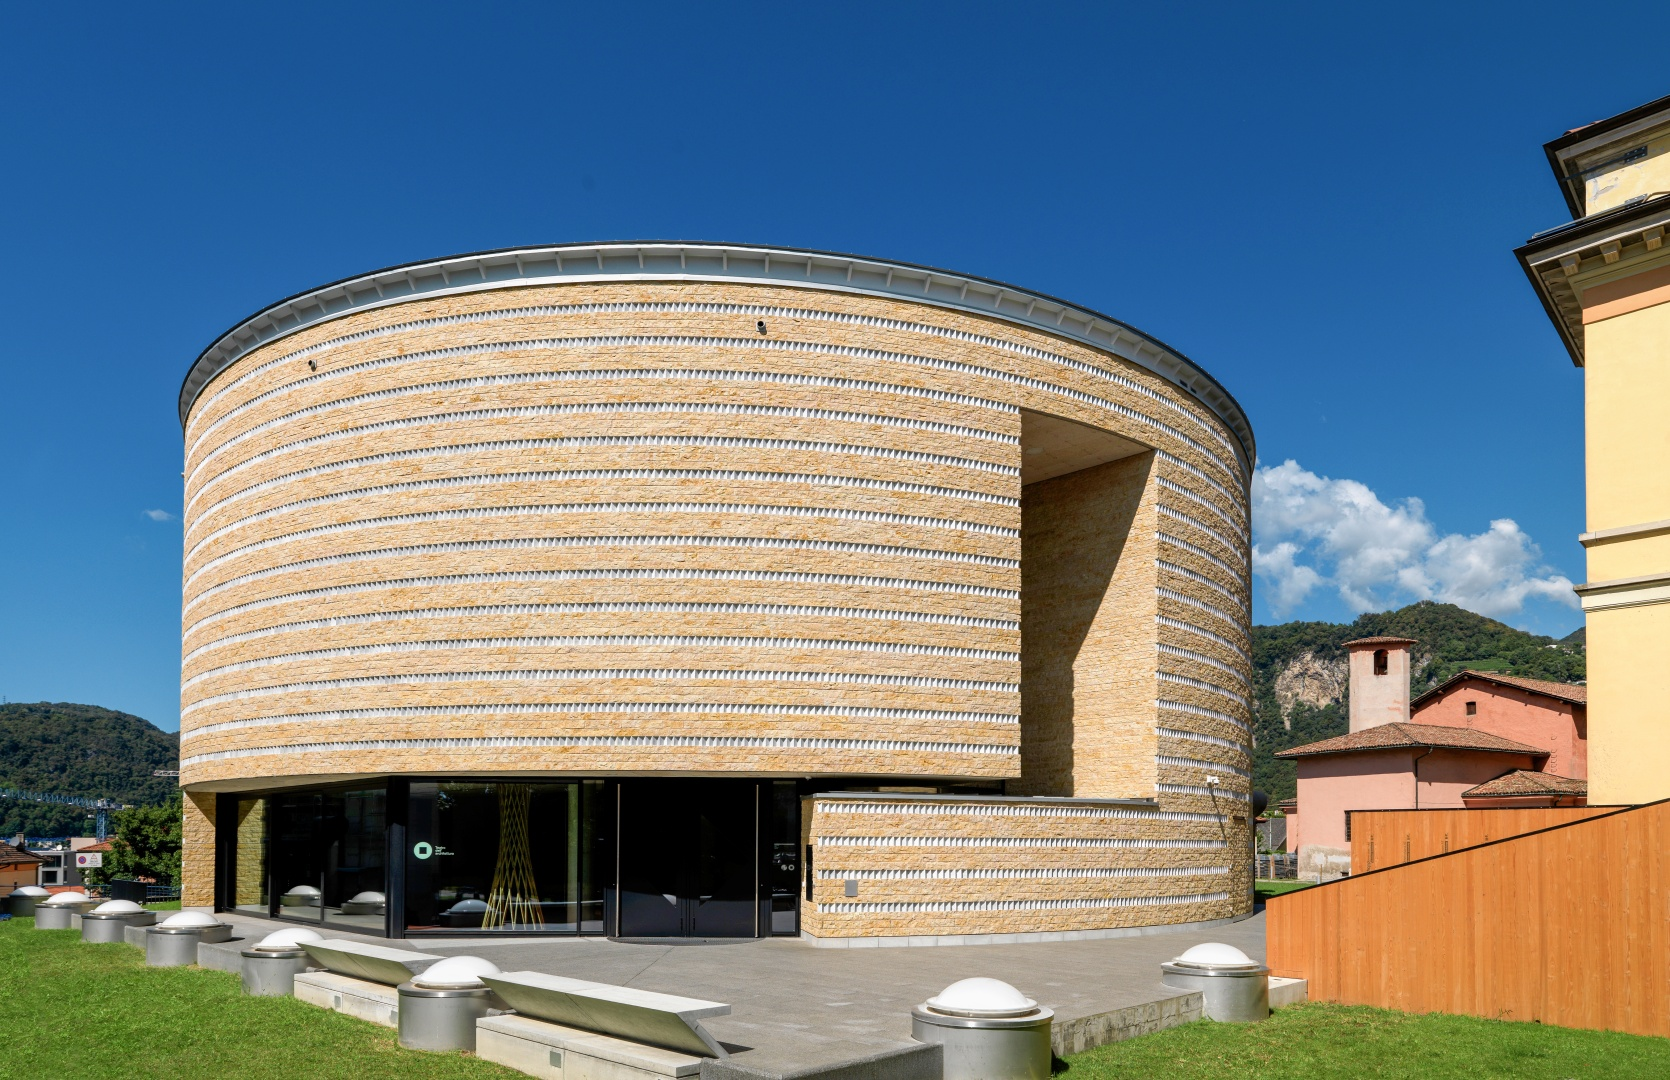 Teatro dell'Architettura, Mendriso © Enrico Cano